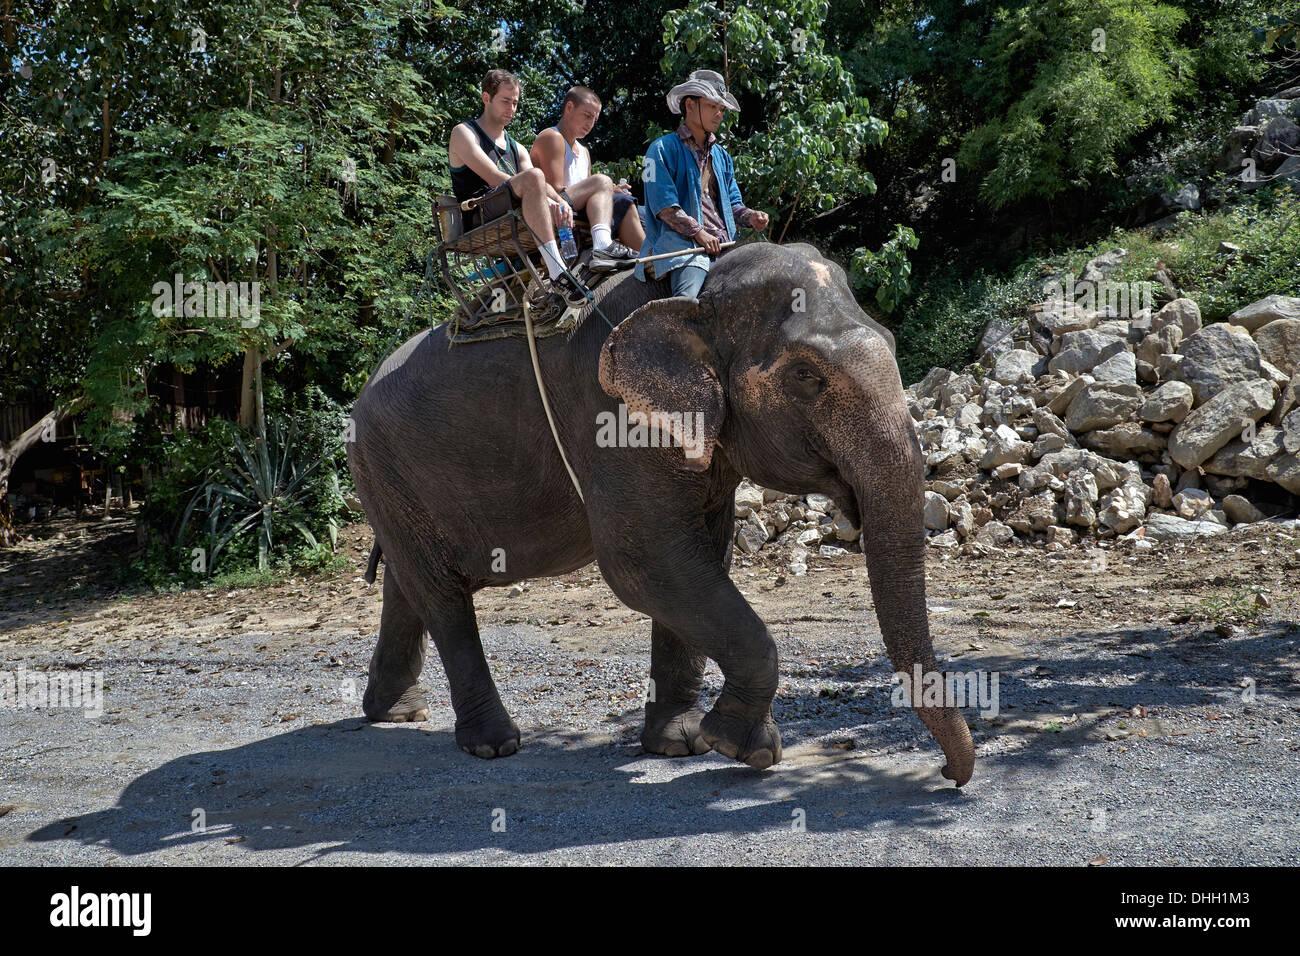 Tourist elephant trekking in Thailand S. E. Asia - Stock Image